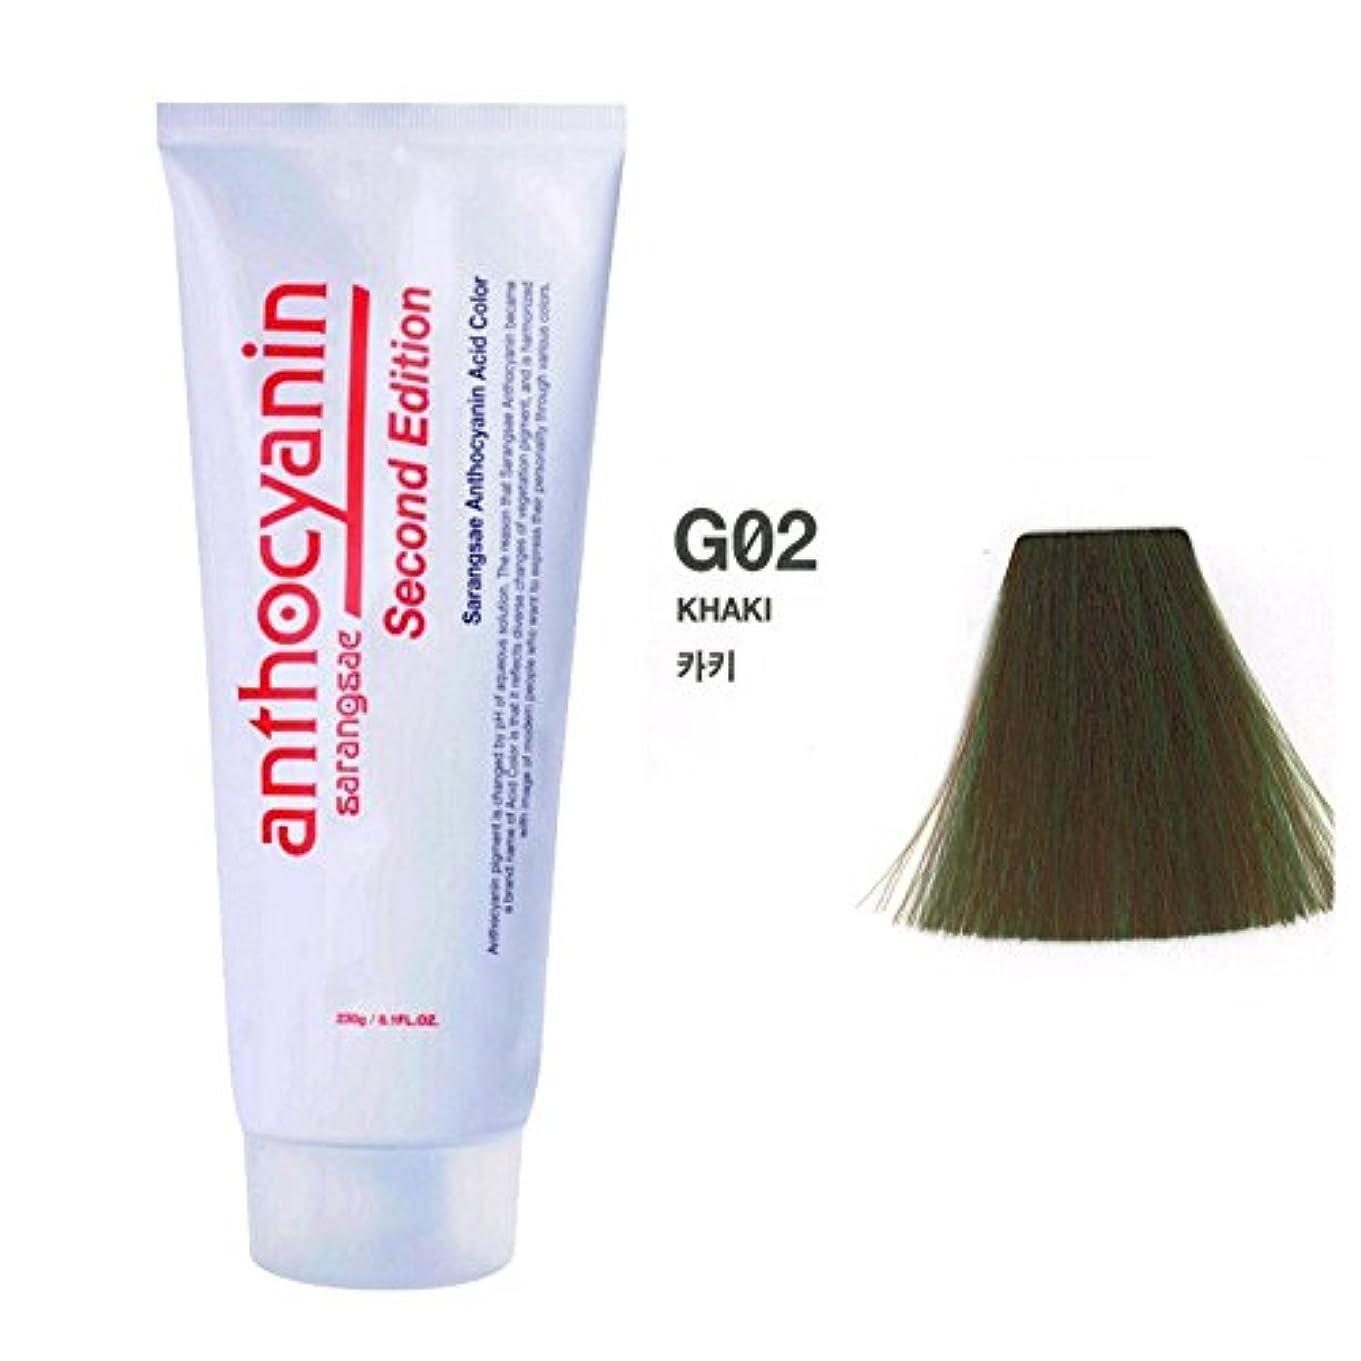 考慮ロケーション通行人ヘア マニキュア カラー セカンド エディション 230g セミ パーマネント 染毛剤 (Hair Manicure Color Second Edition 230g Semi Permanent Hair Dye) [並行輸入品] (G02 Khaki)